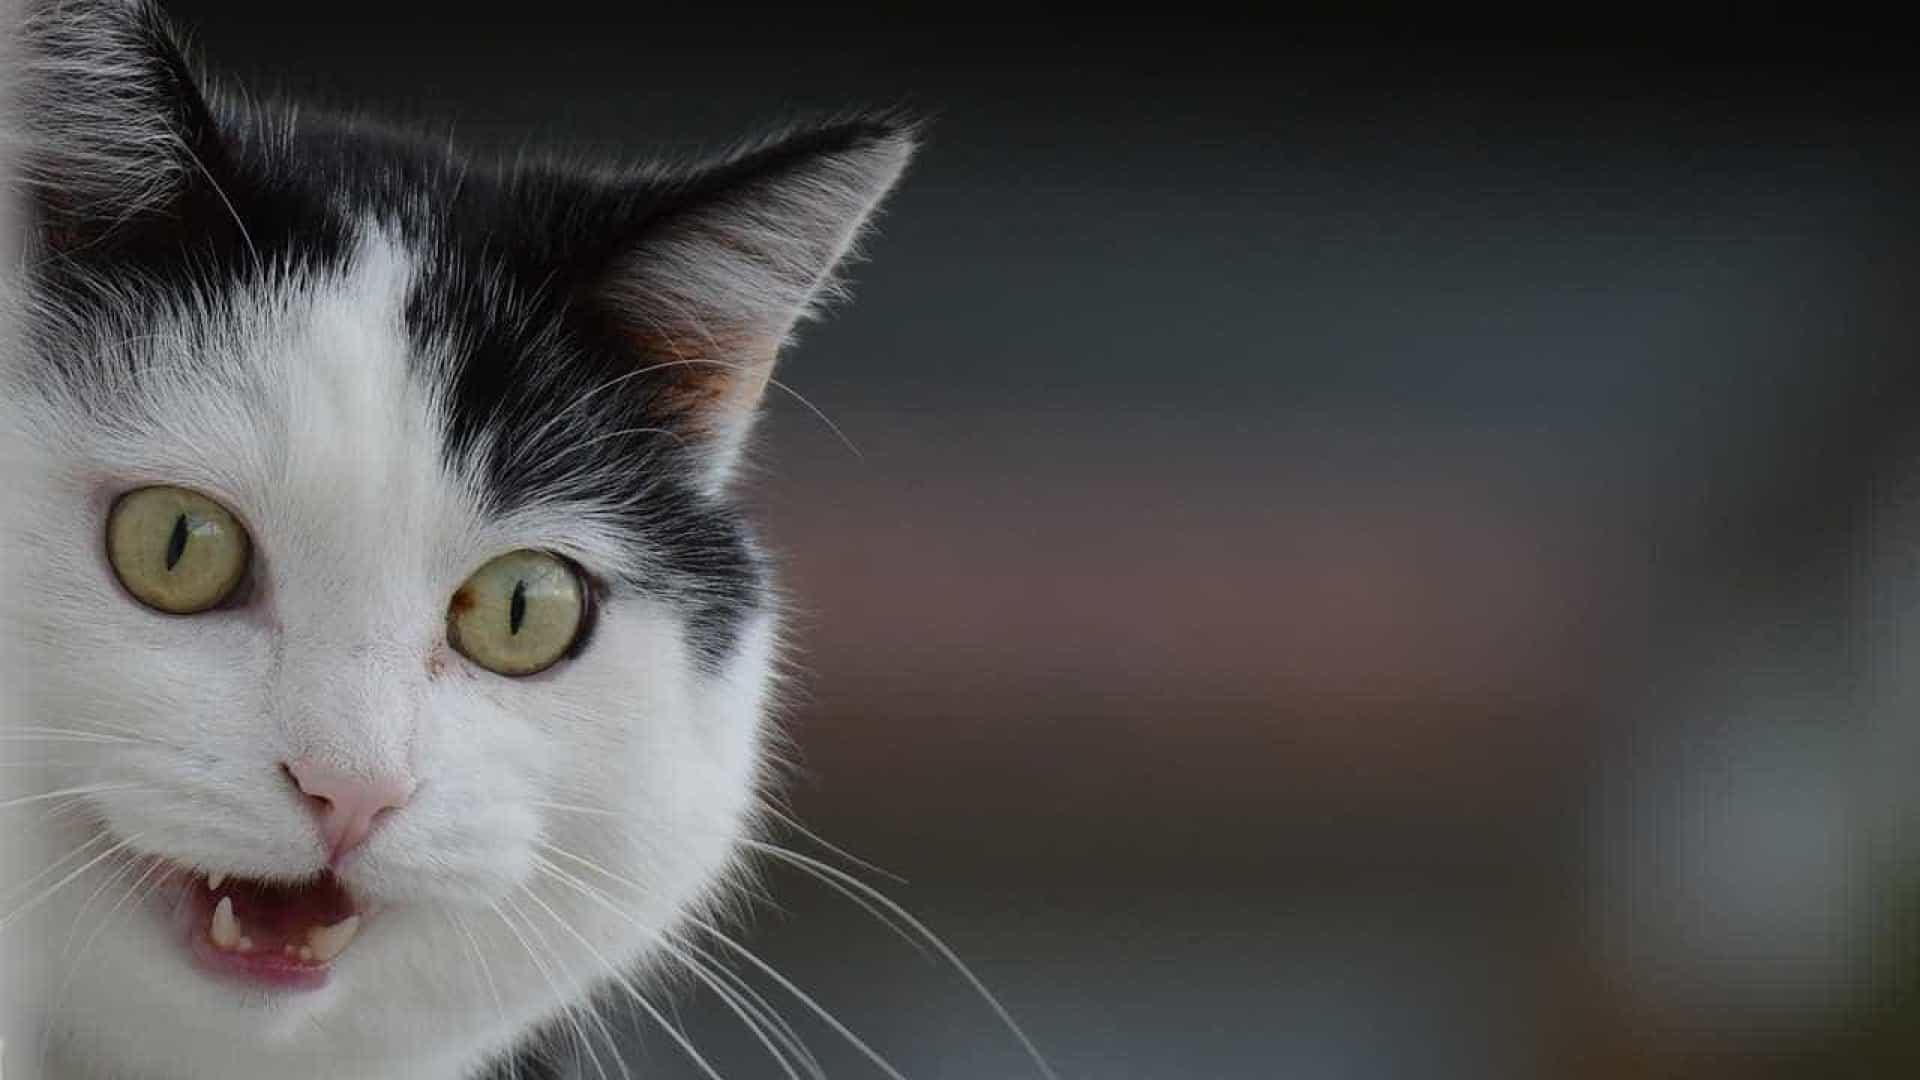 Inglaterra: Autoridades procuram um serial killer... de gatos